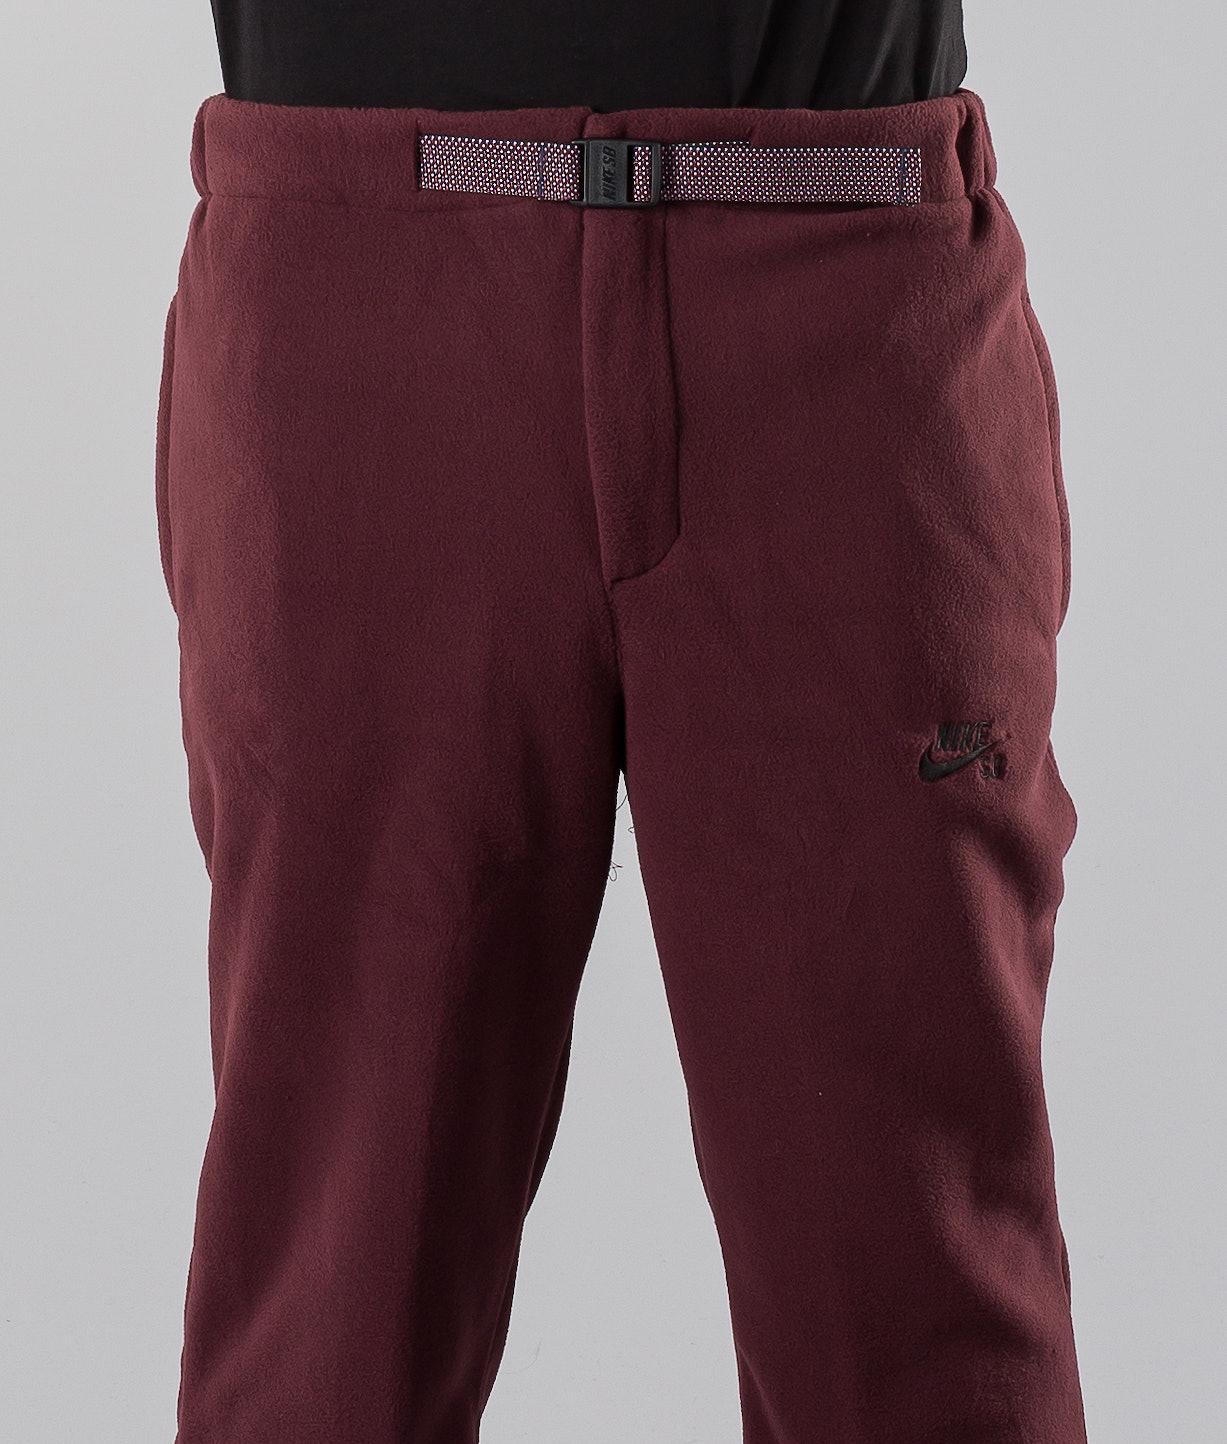 Nike Sb Polartec Pants Burgundy Crush Black - Ridestore.com 0d978354ec0e